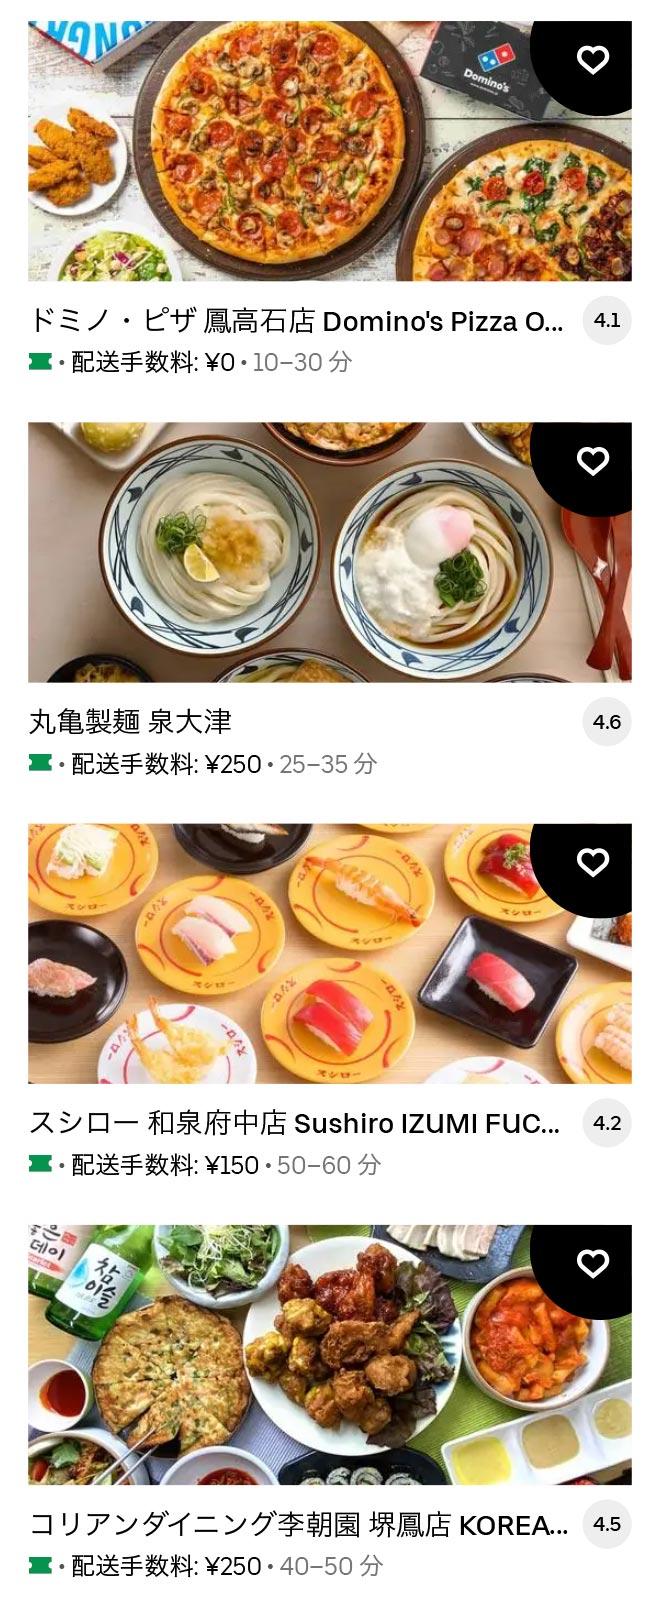 U takaishi 2105 03